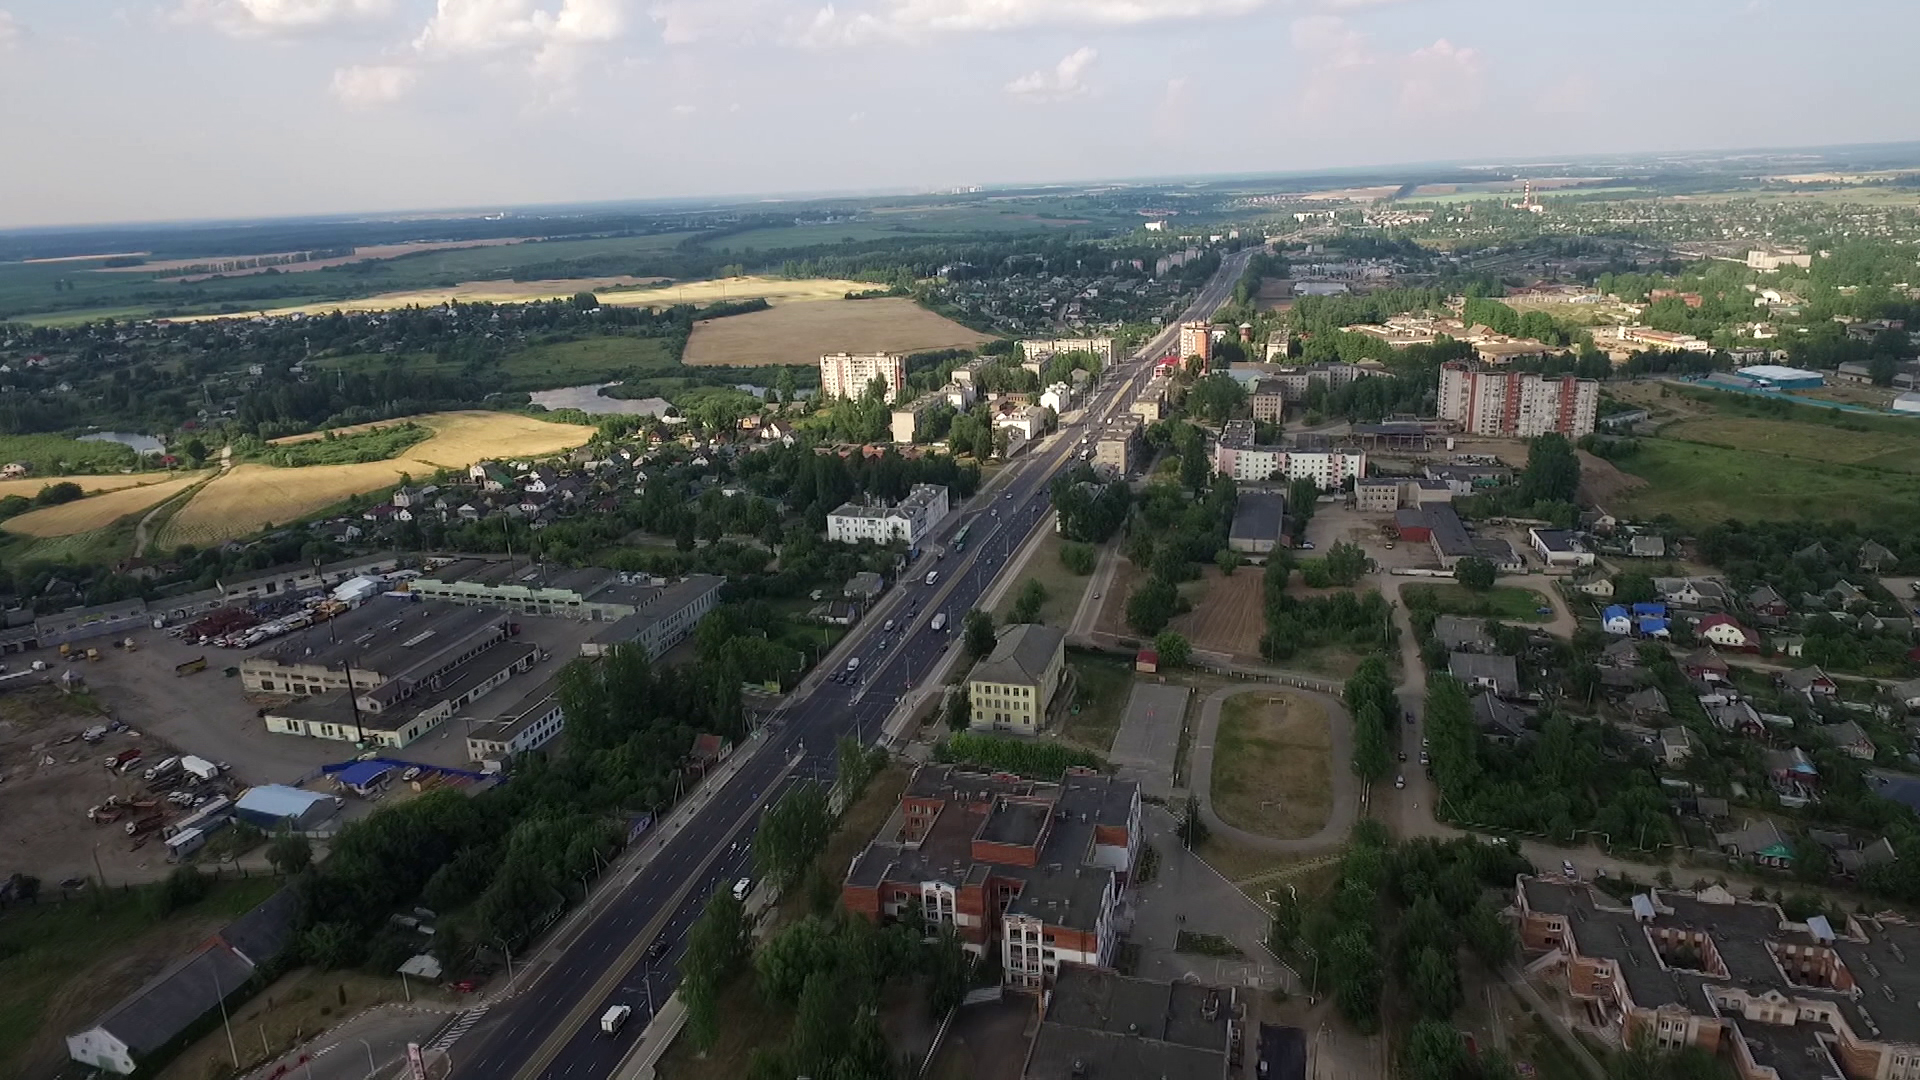 gagarina - В Витебске завершилась реконструкция улицы Гагарина (14.07.2021)